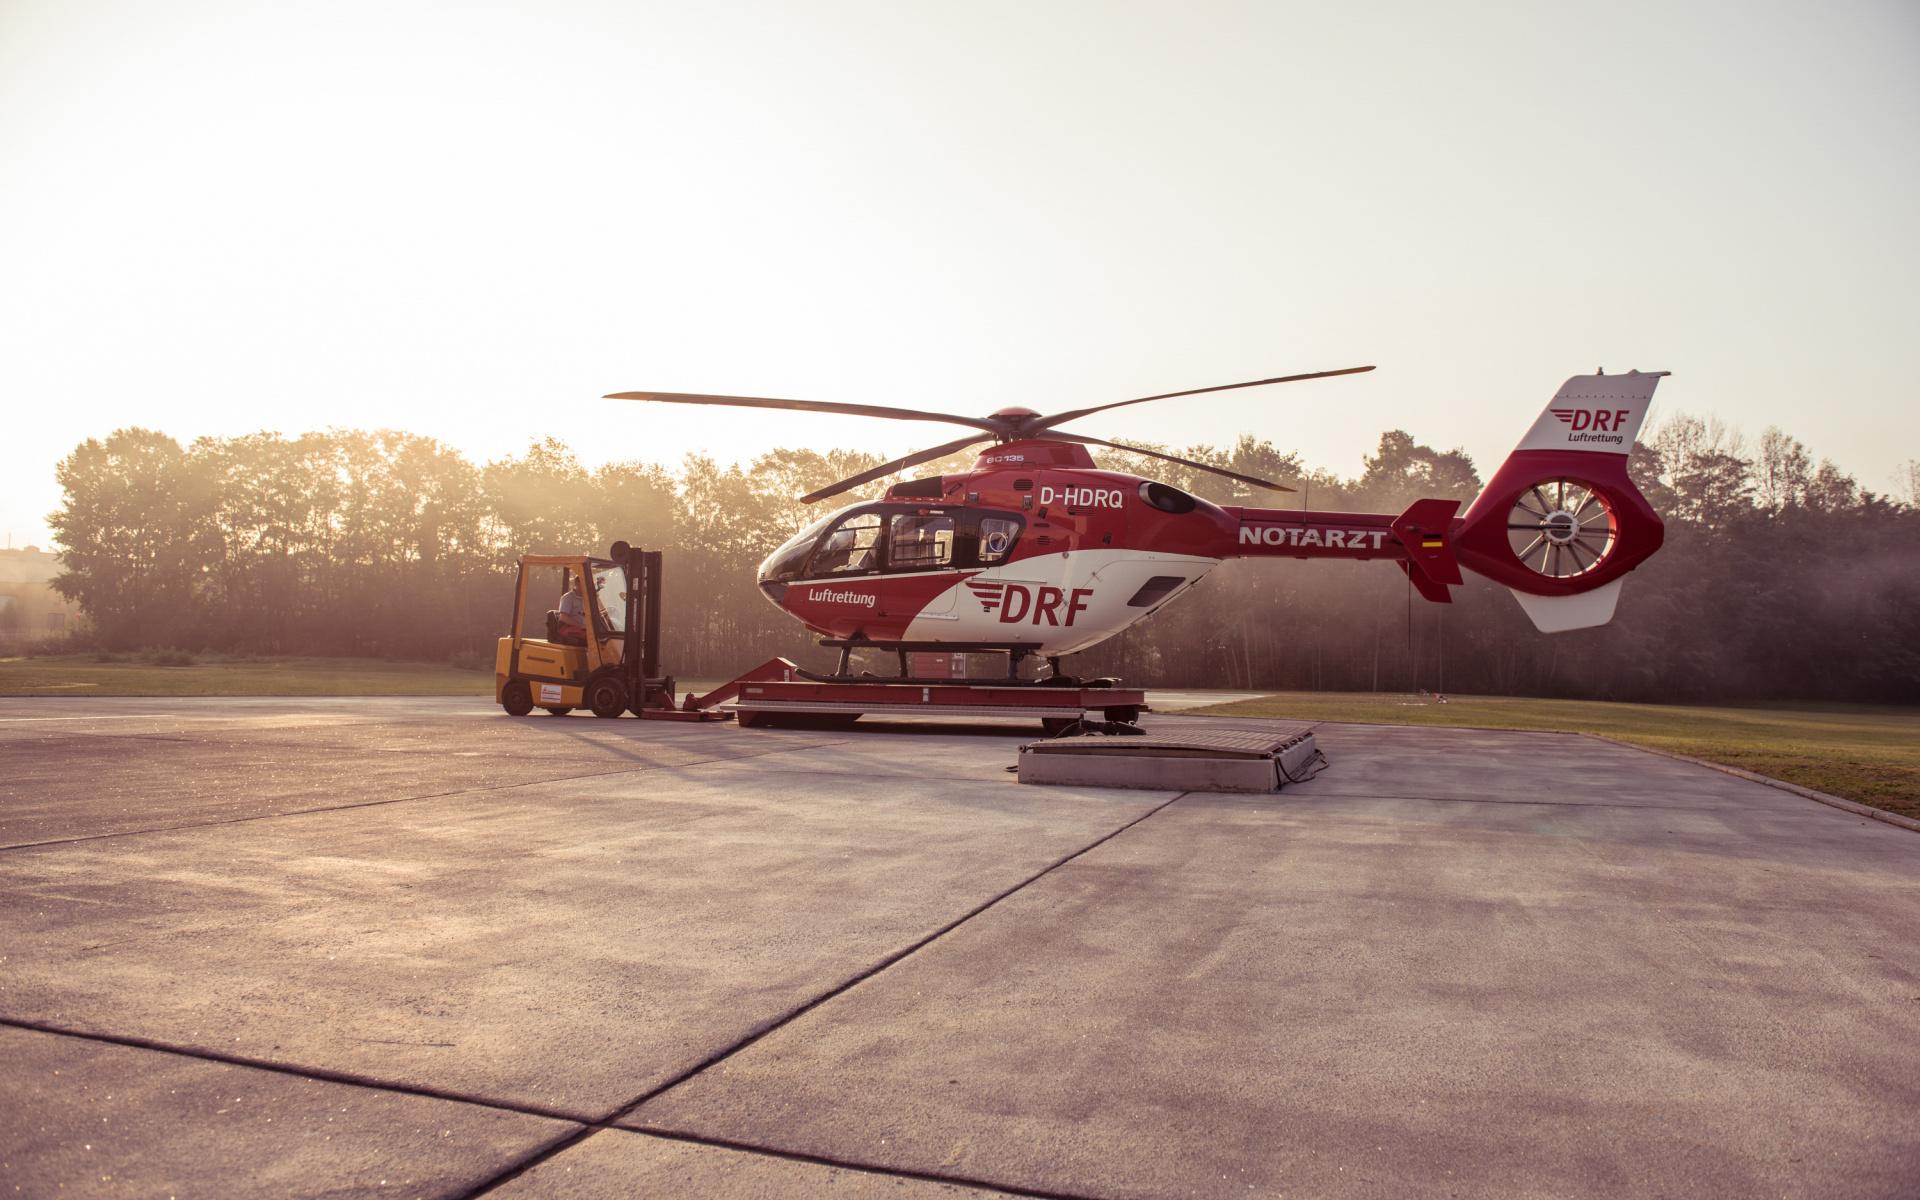 Wenn sie den rot-weißen Hubschrauber morgens aus dem Hangar holen, wissen die Luftretter nicht, was der Tag für sie bringen wird…